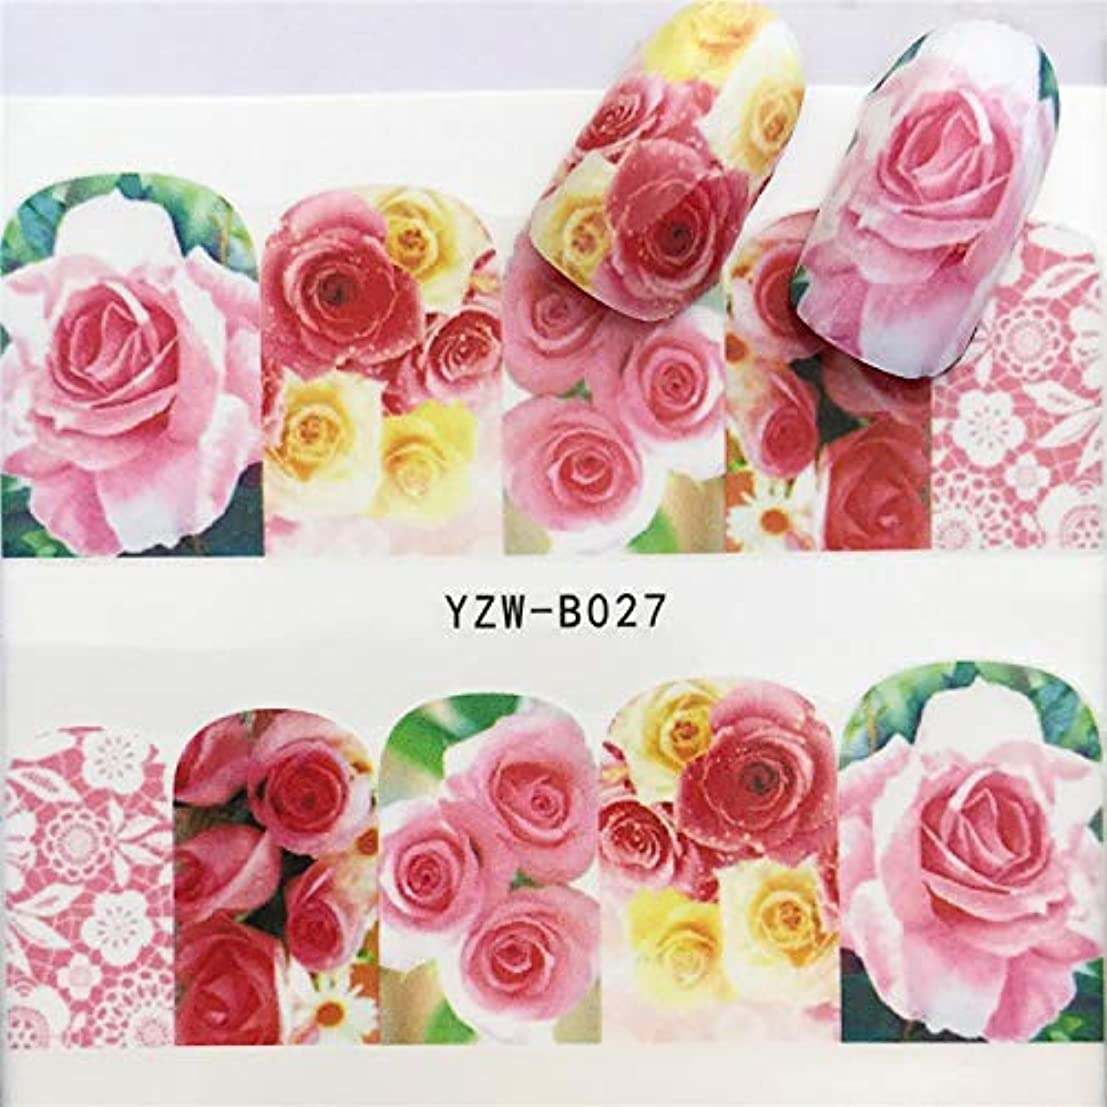 受粉するエージェントドリルYan 3個ネイルステッカーセットデカール水転写スライダーネイルアートデコレーション、色:YZWB027